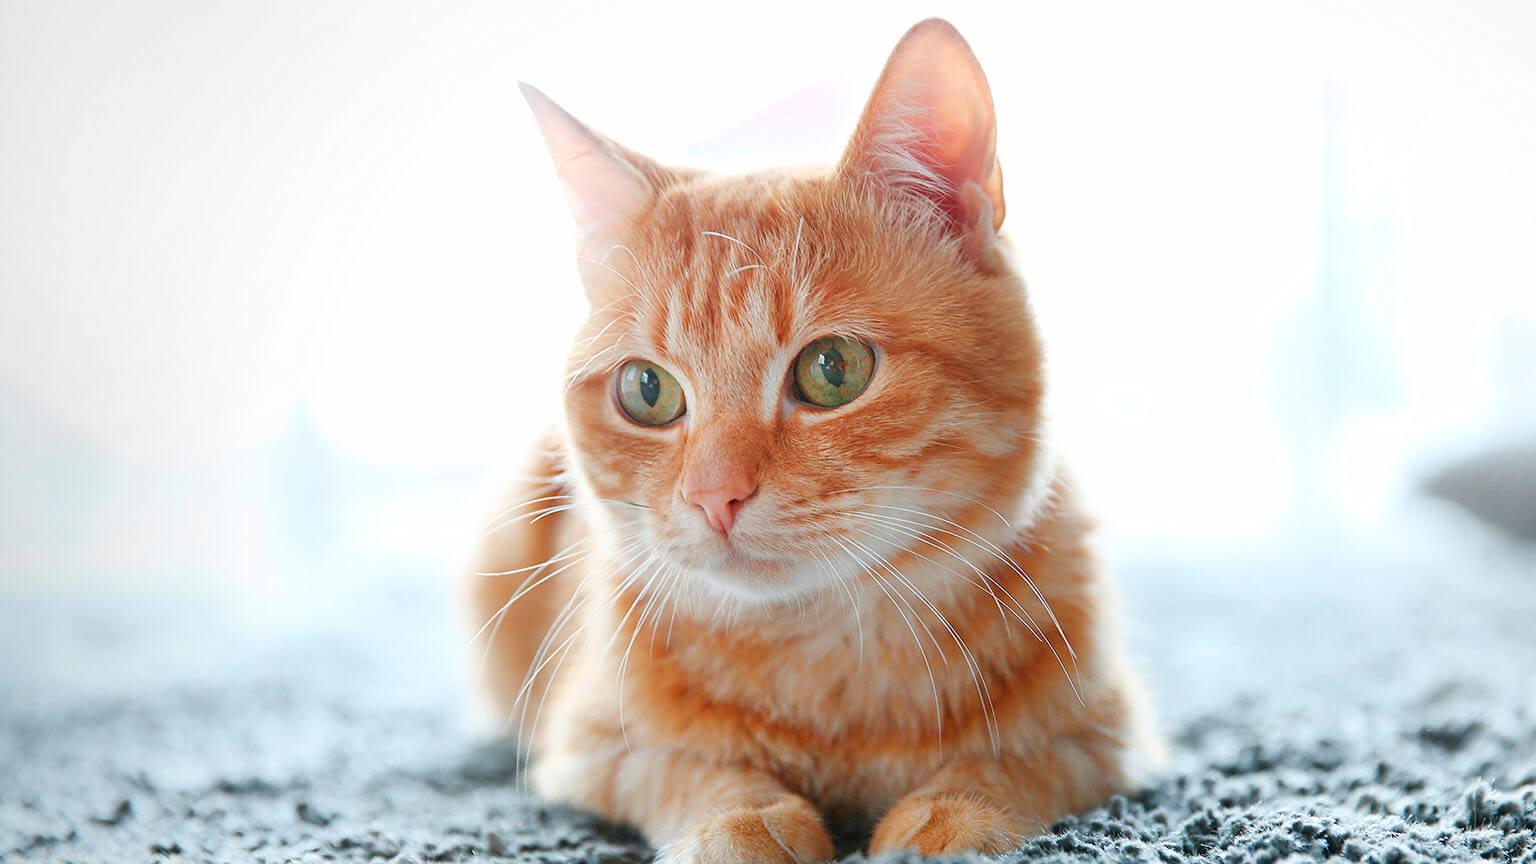 นิสัยของแมว ที่มนุษย์เดาใจยาก